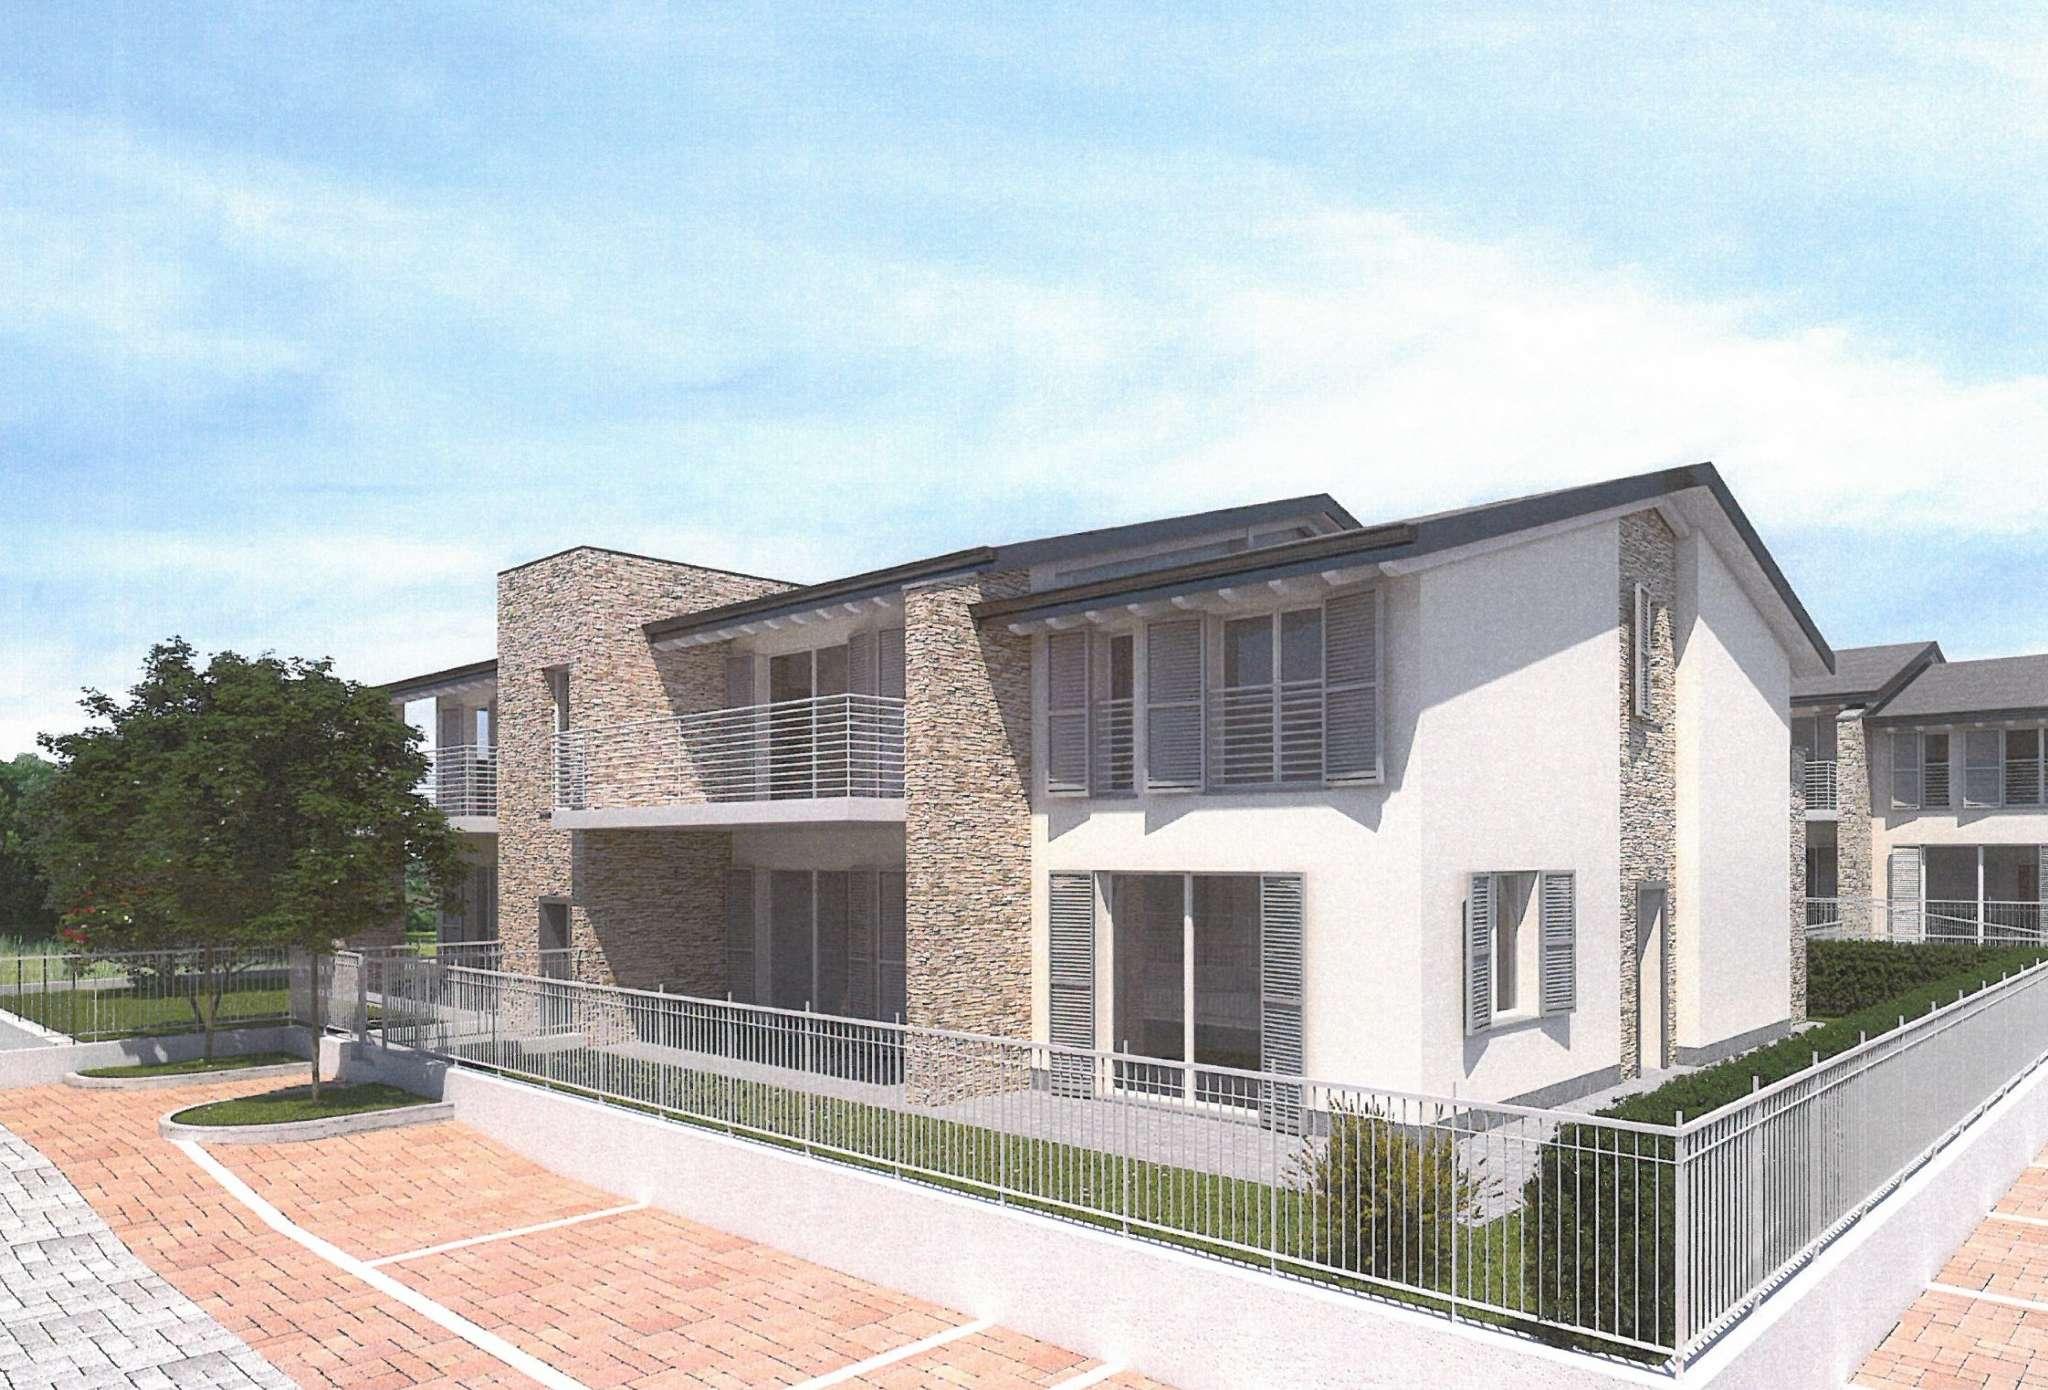 Appartamento in vendita a Casatenovo, 3 locali, prezzo € 245.000 | PortaleAgenzieImmobiliari.it